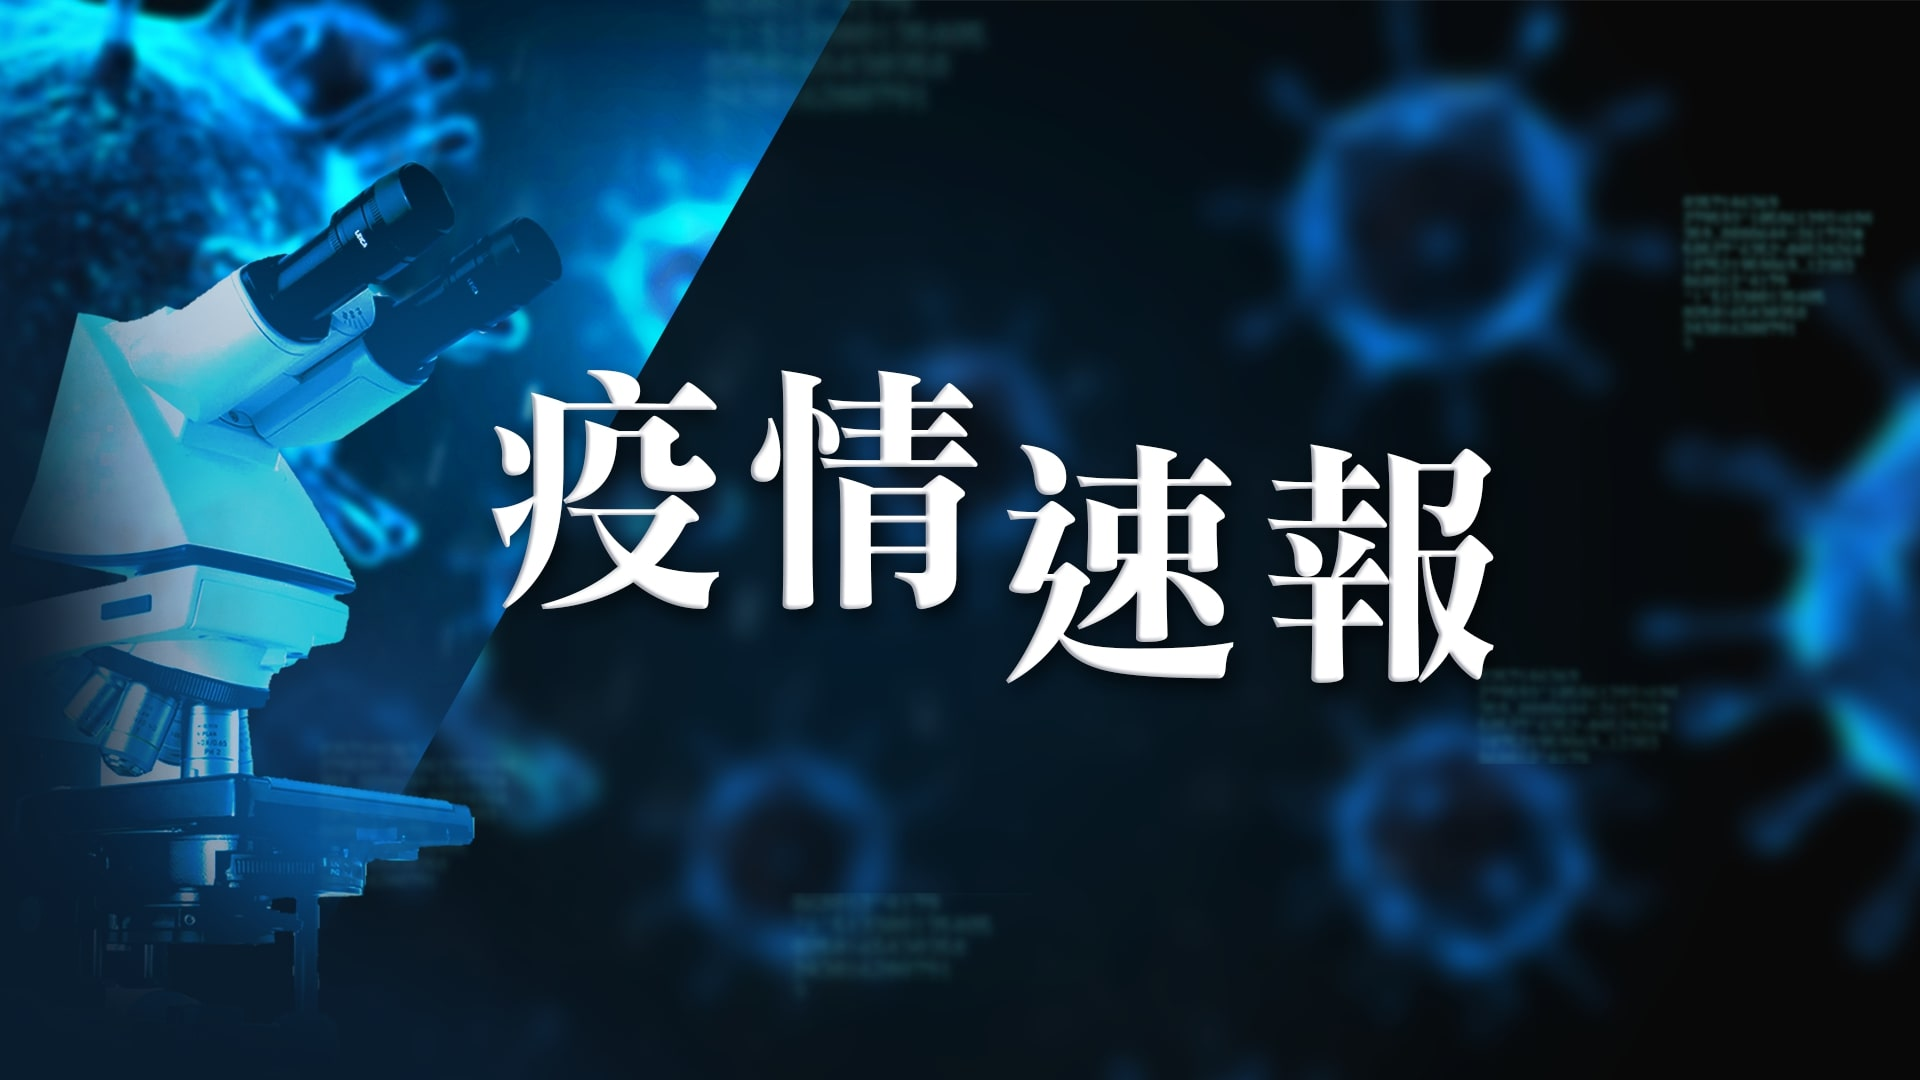 【6月29日疫情速報】(23:30)